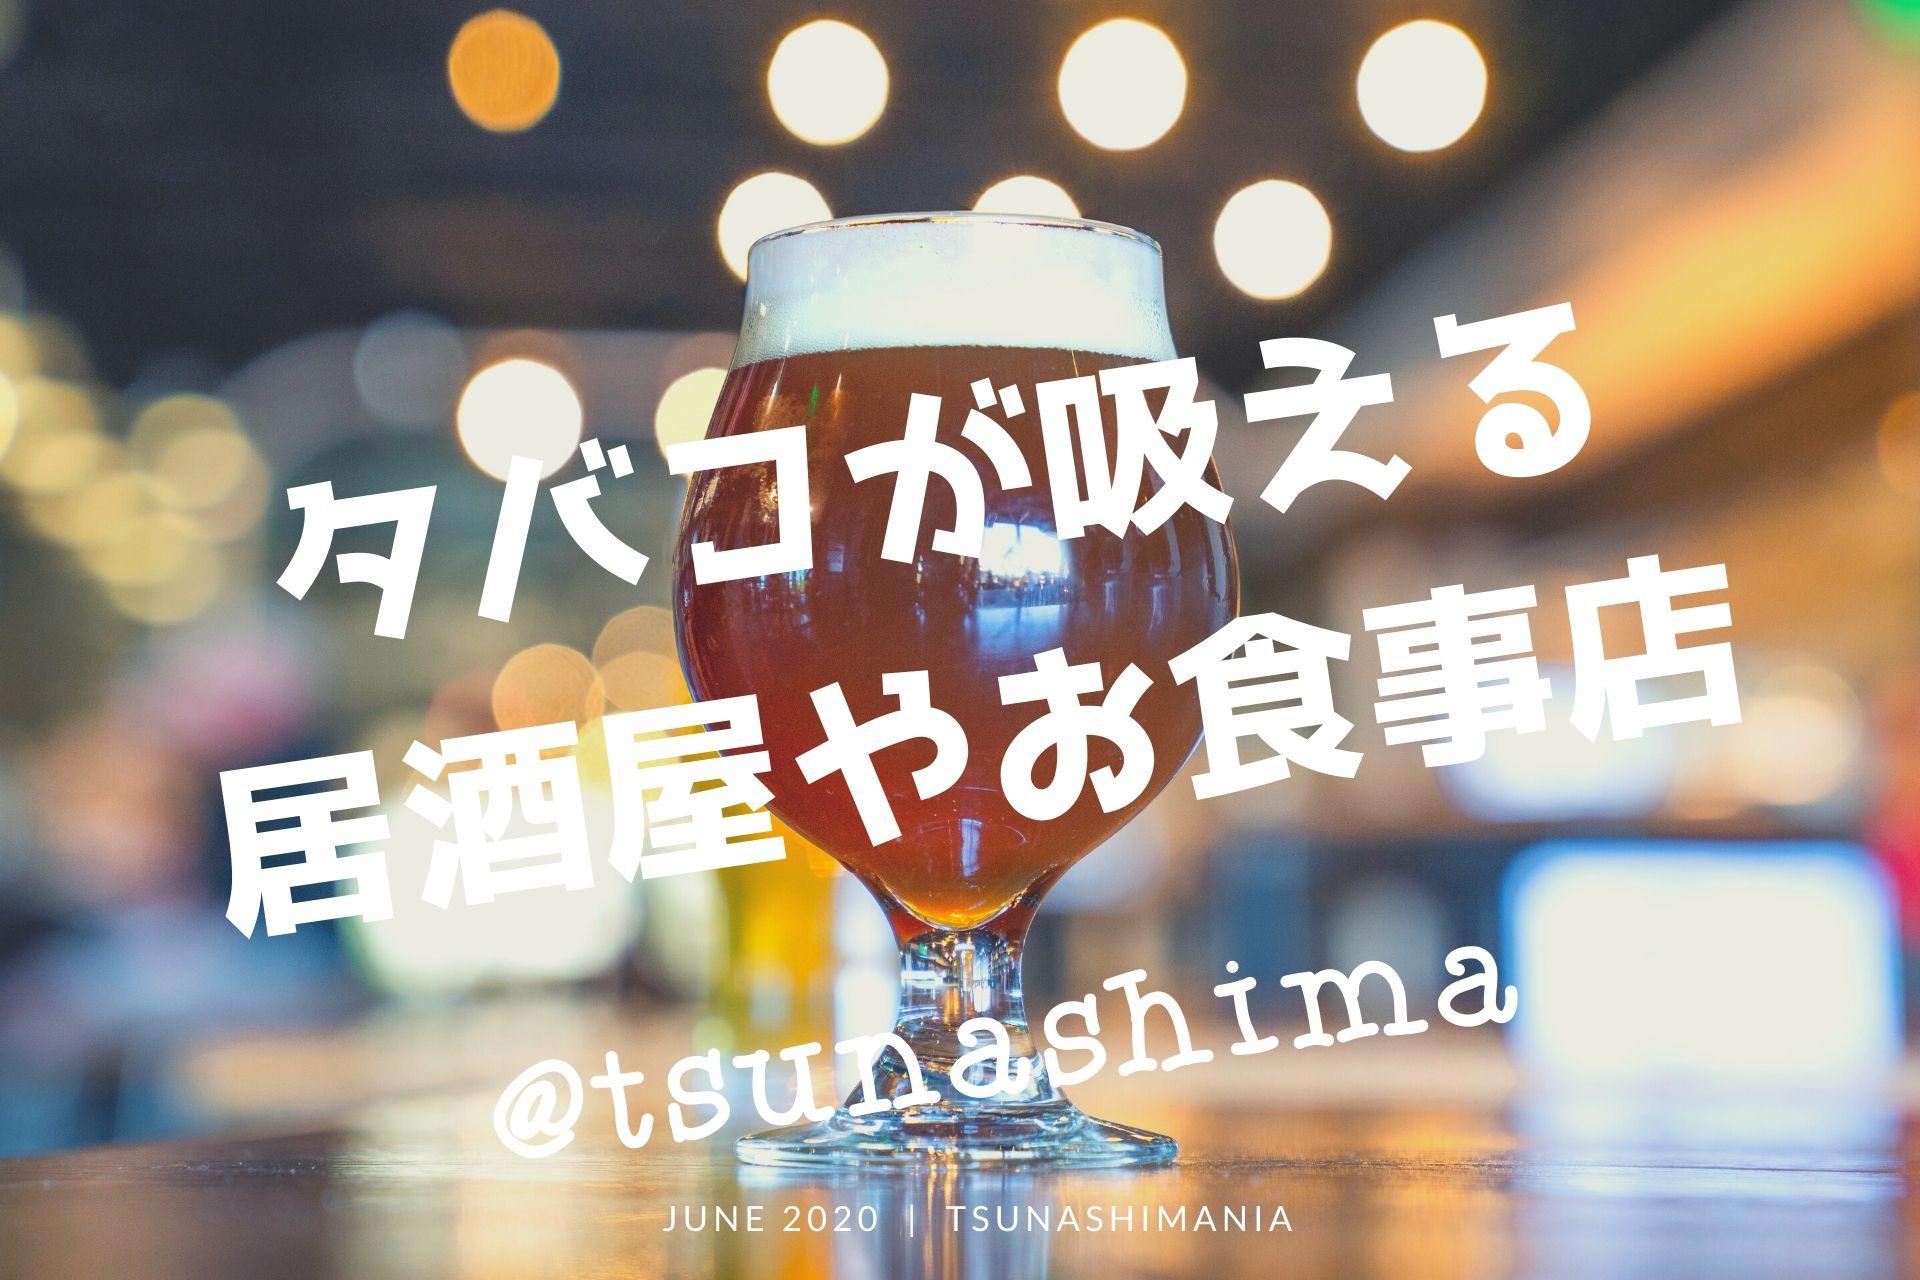 綱島で喫煙可能な居酒屋などまとめ